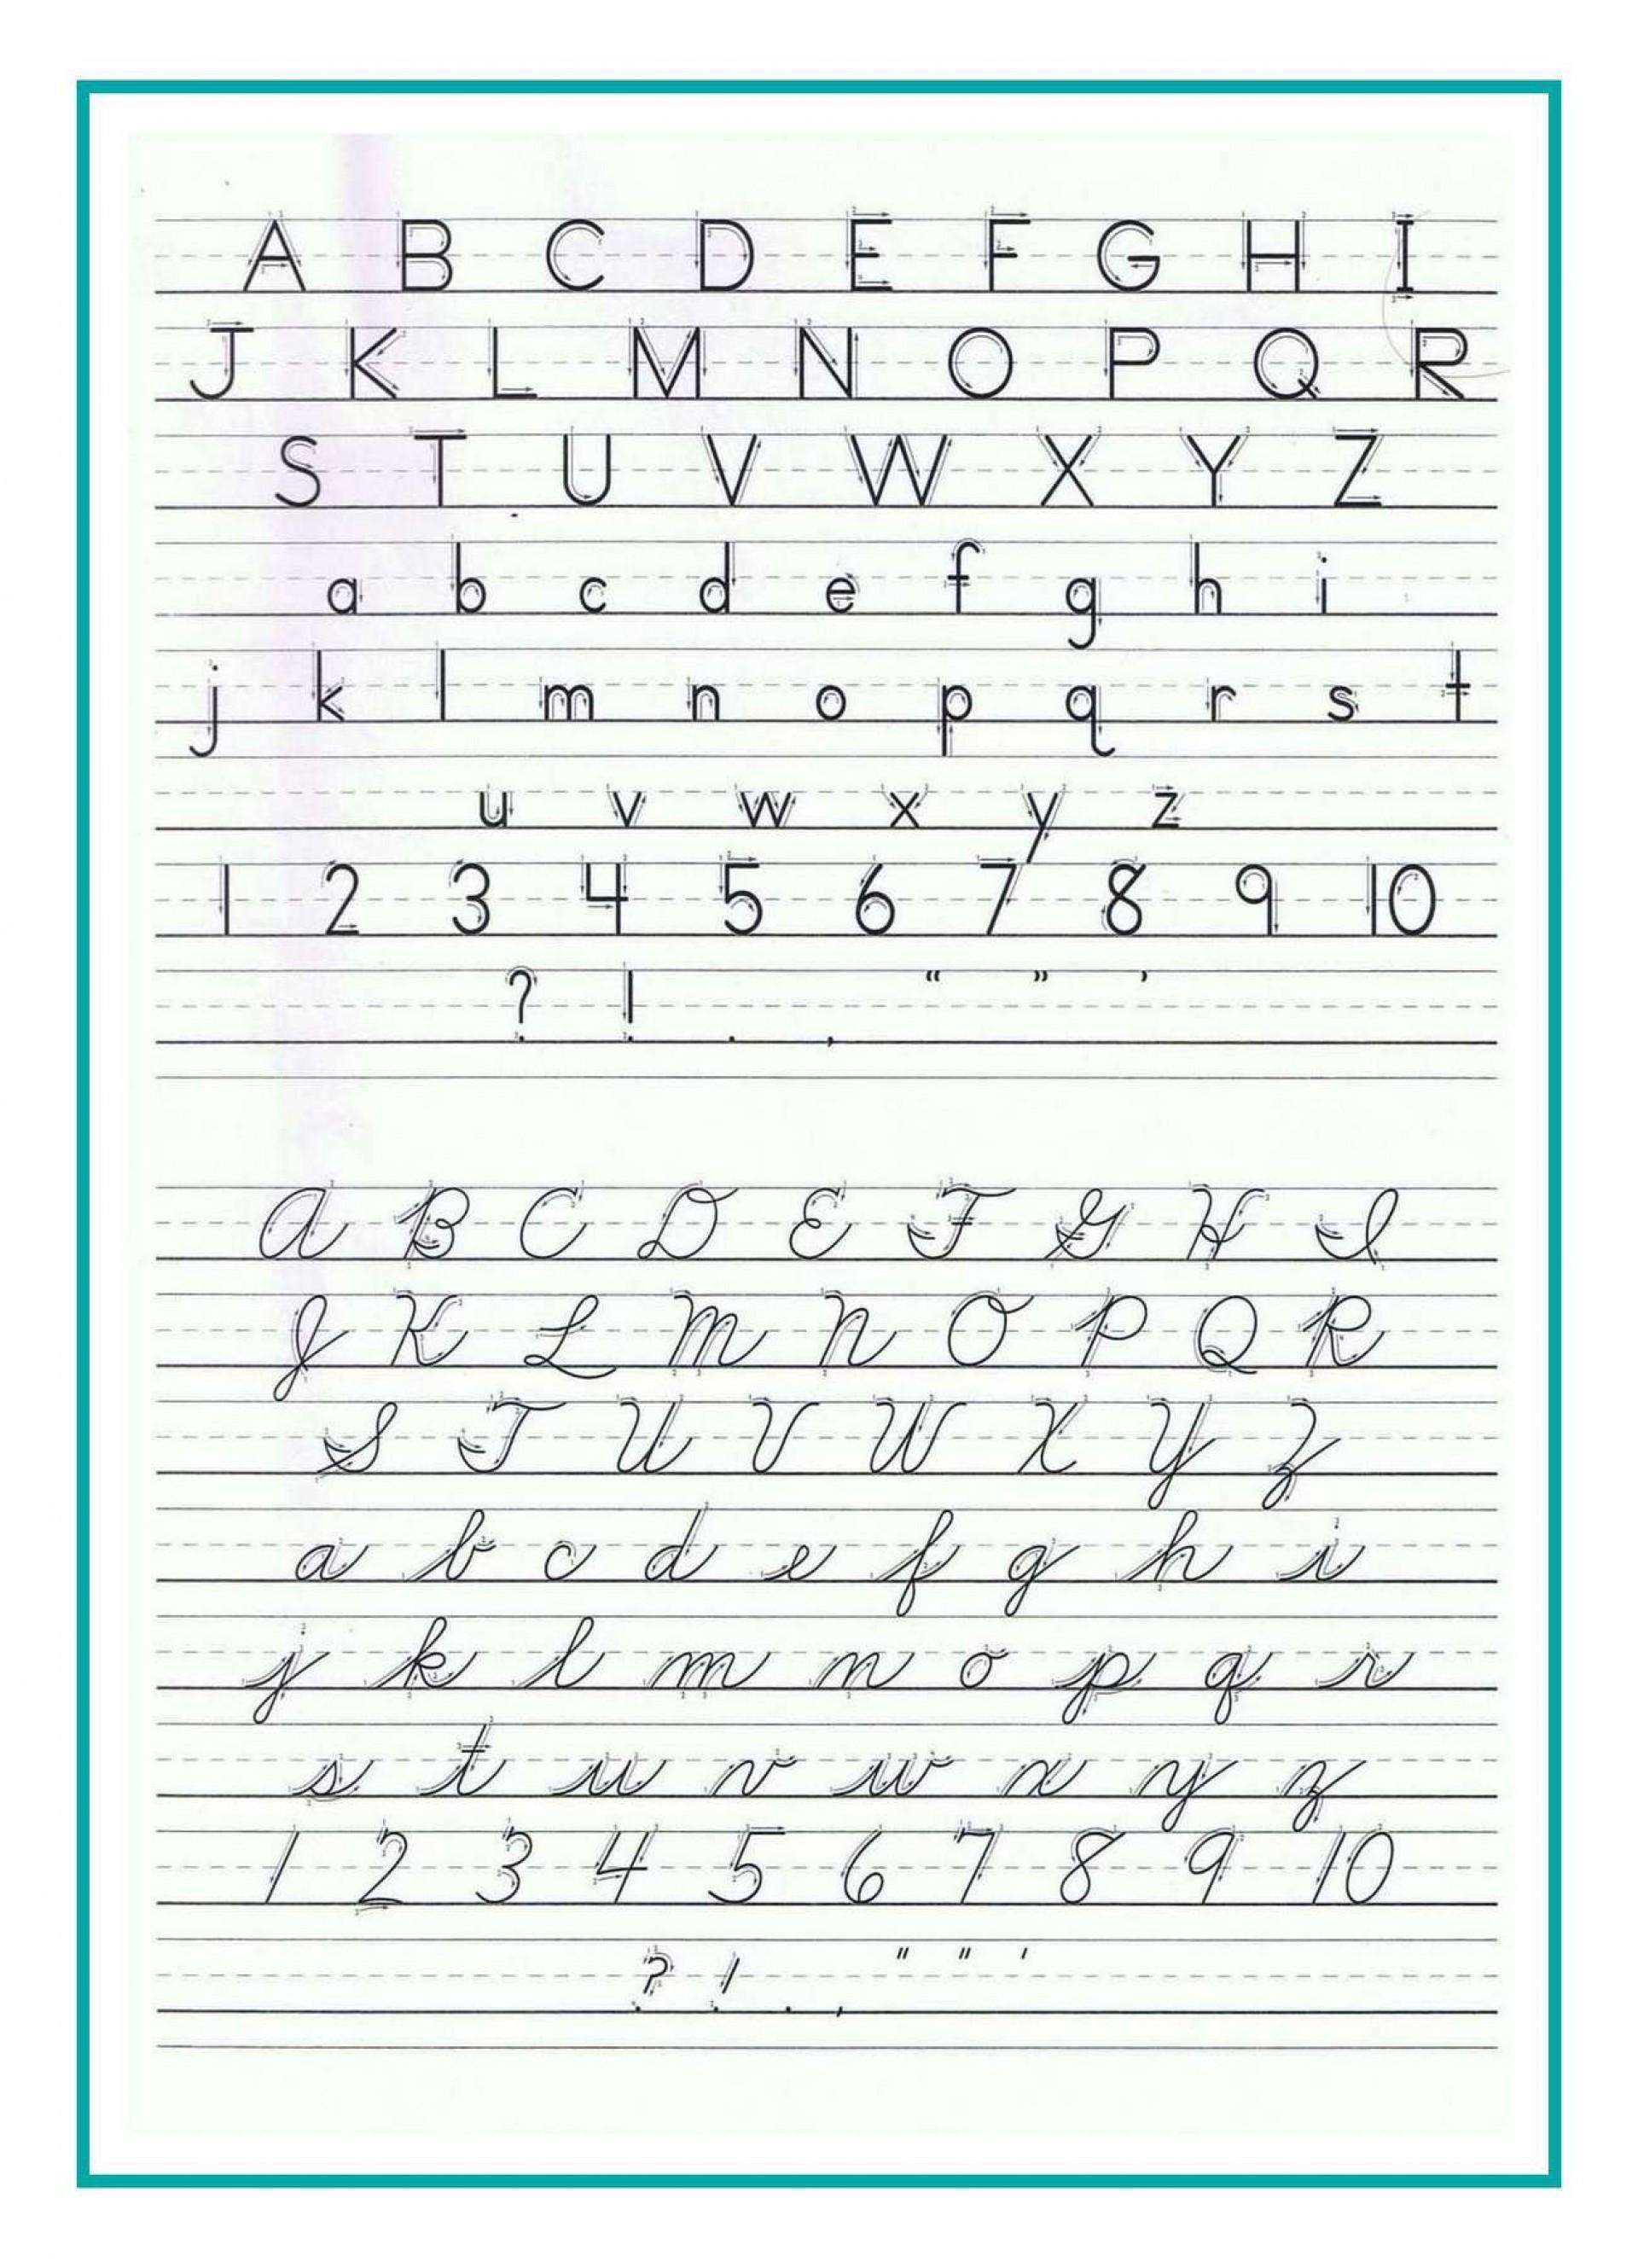 8 Letter Formation Sheets Letter Formation Worksheets Letter Worksheets Letter Formation [ 2658 x 1920 Pixel ]